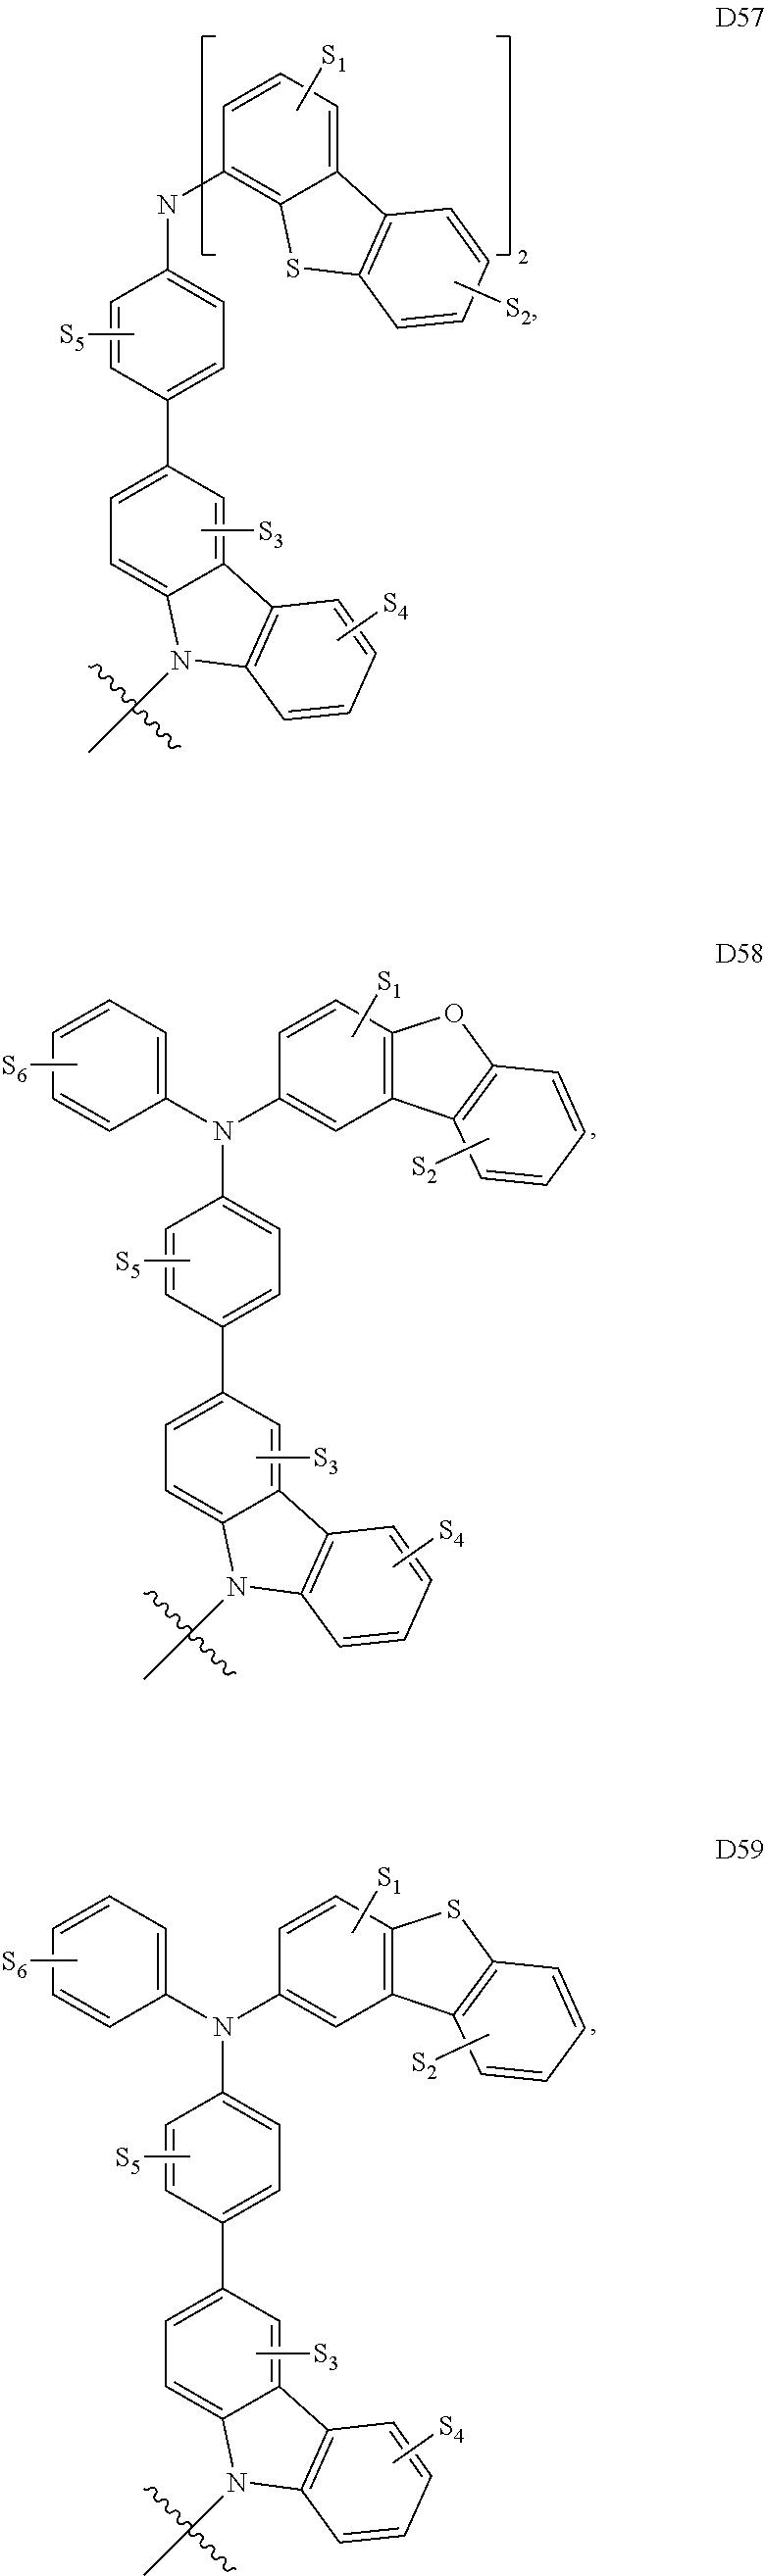 Figure US09324949-20160426-C00100